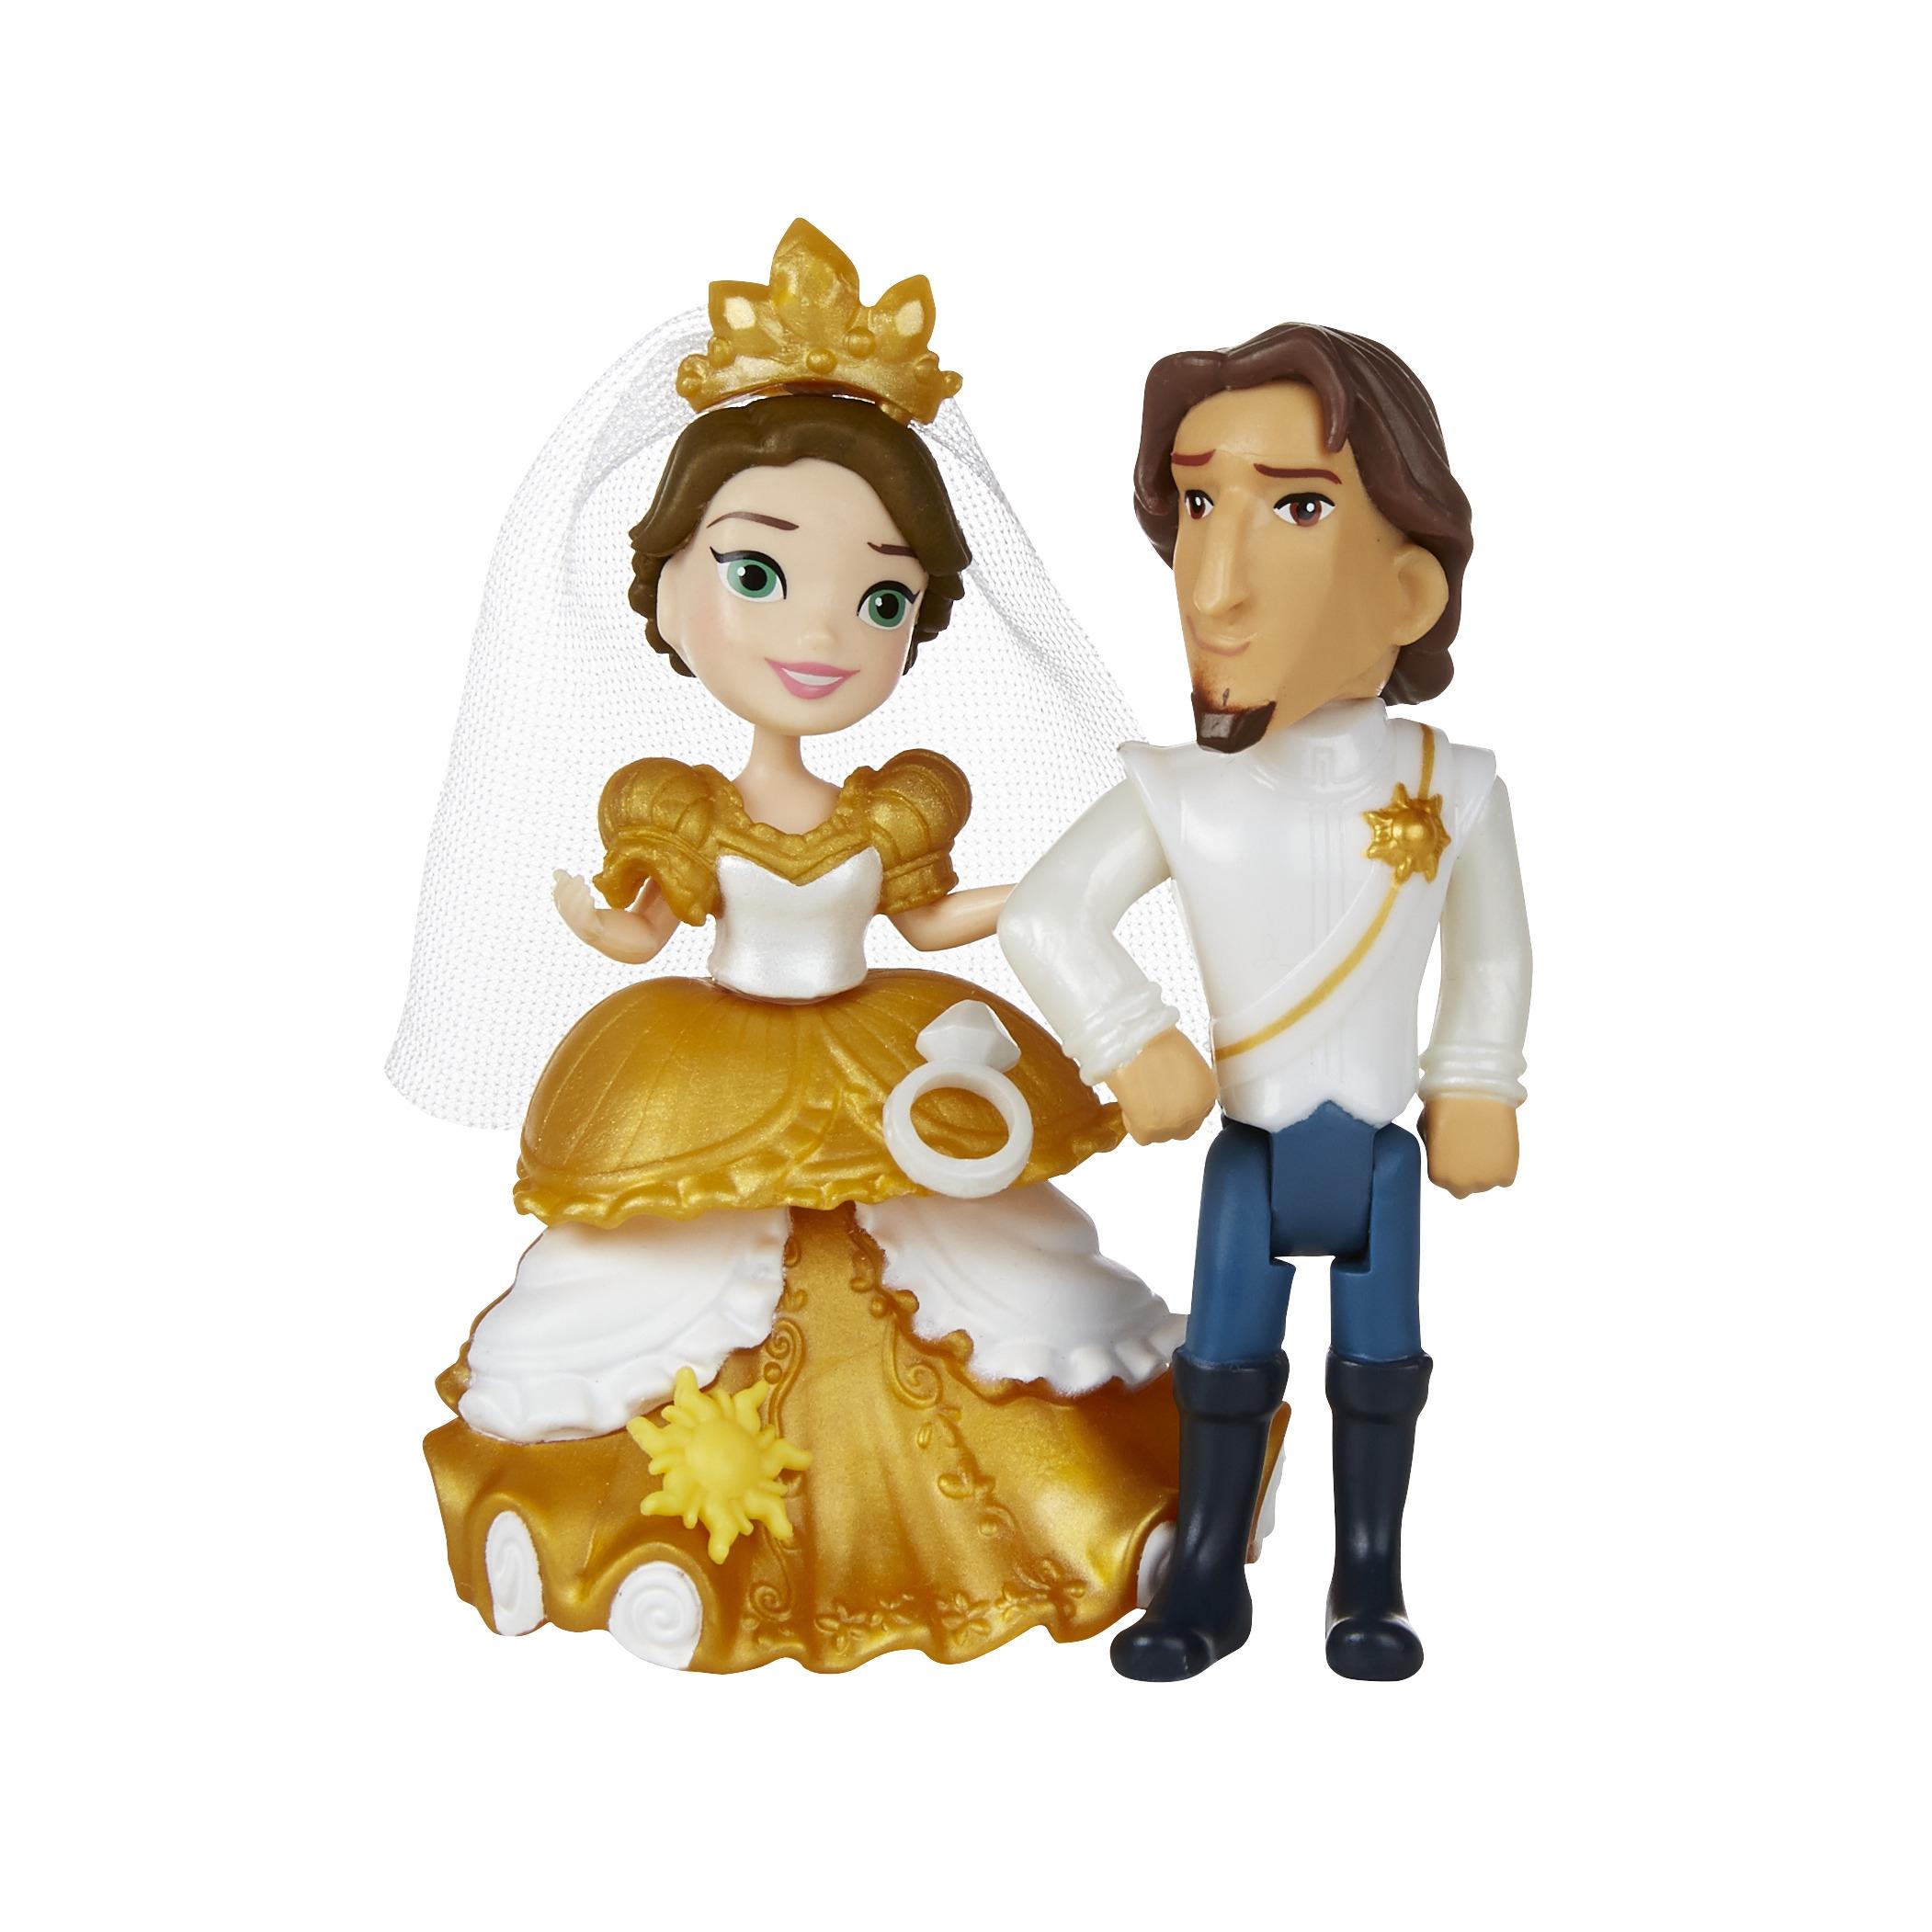 Disney Princess Disney Princess Маленькая кукла Принцесса и сцена из фильма кукла disney princess малютка принцесса в ассортименте